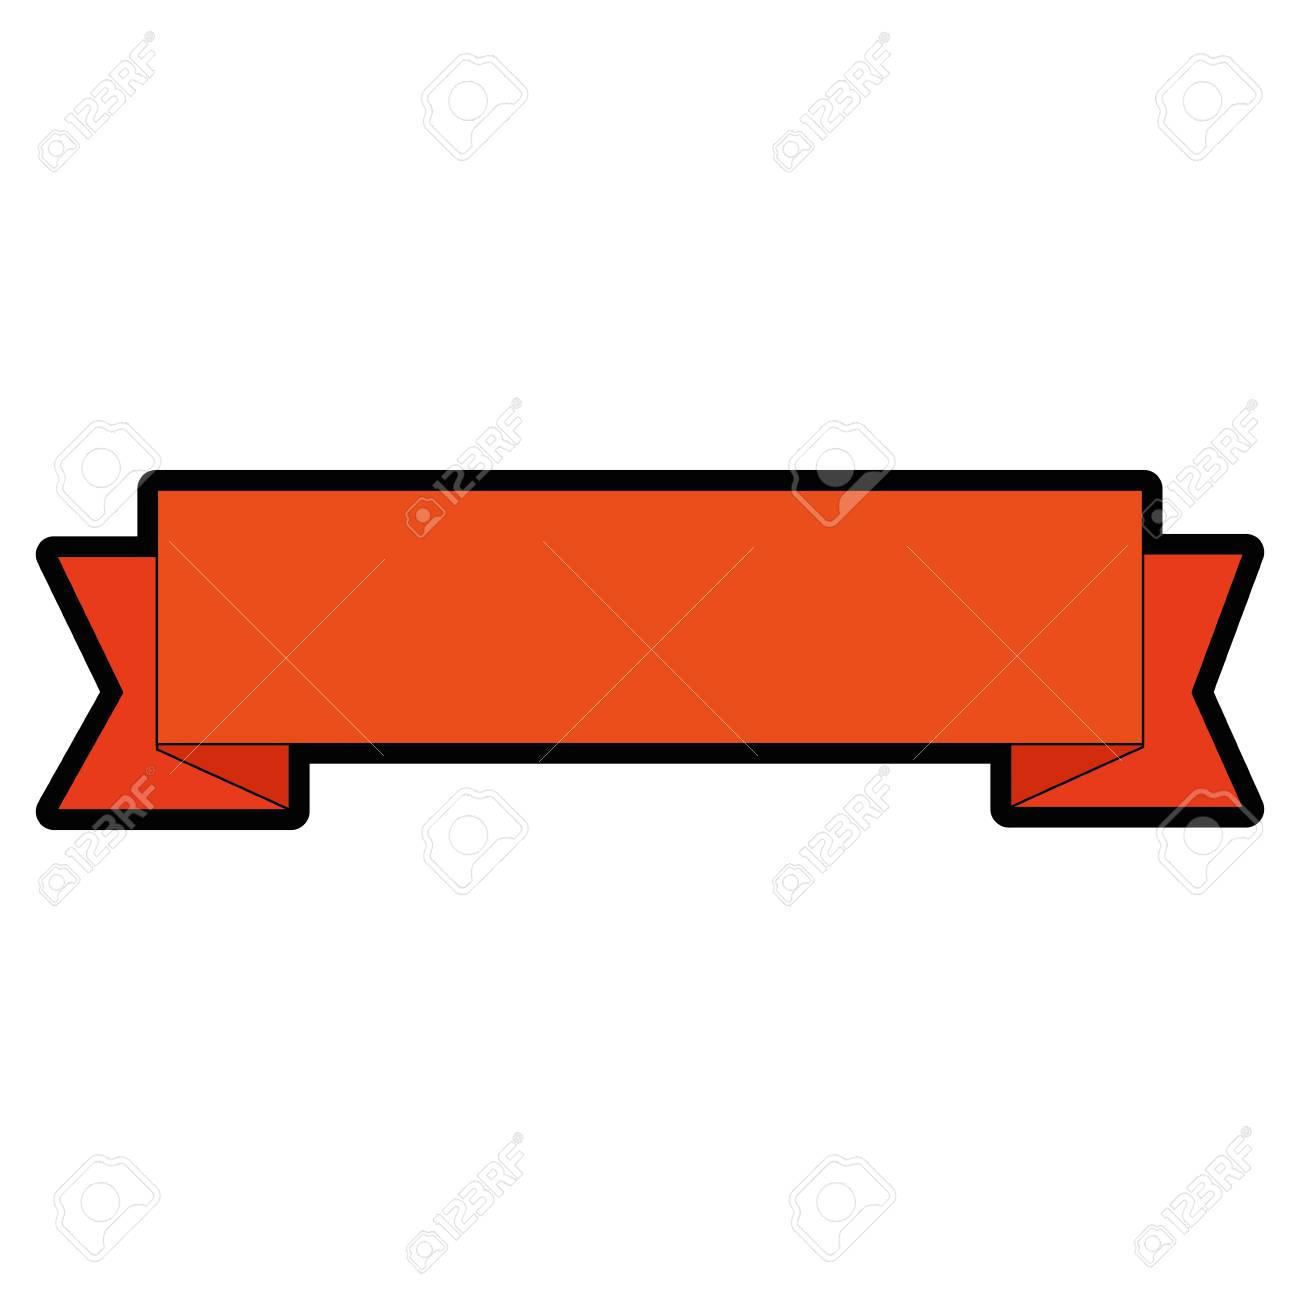 Icono de cinta decorativa sobre ilustración de vector de backgorund blanco.